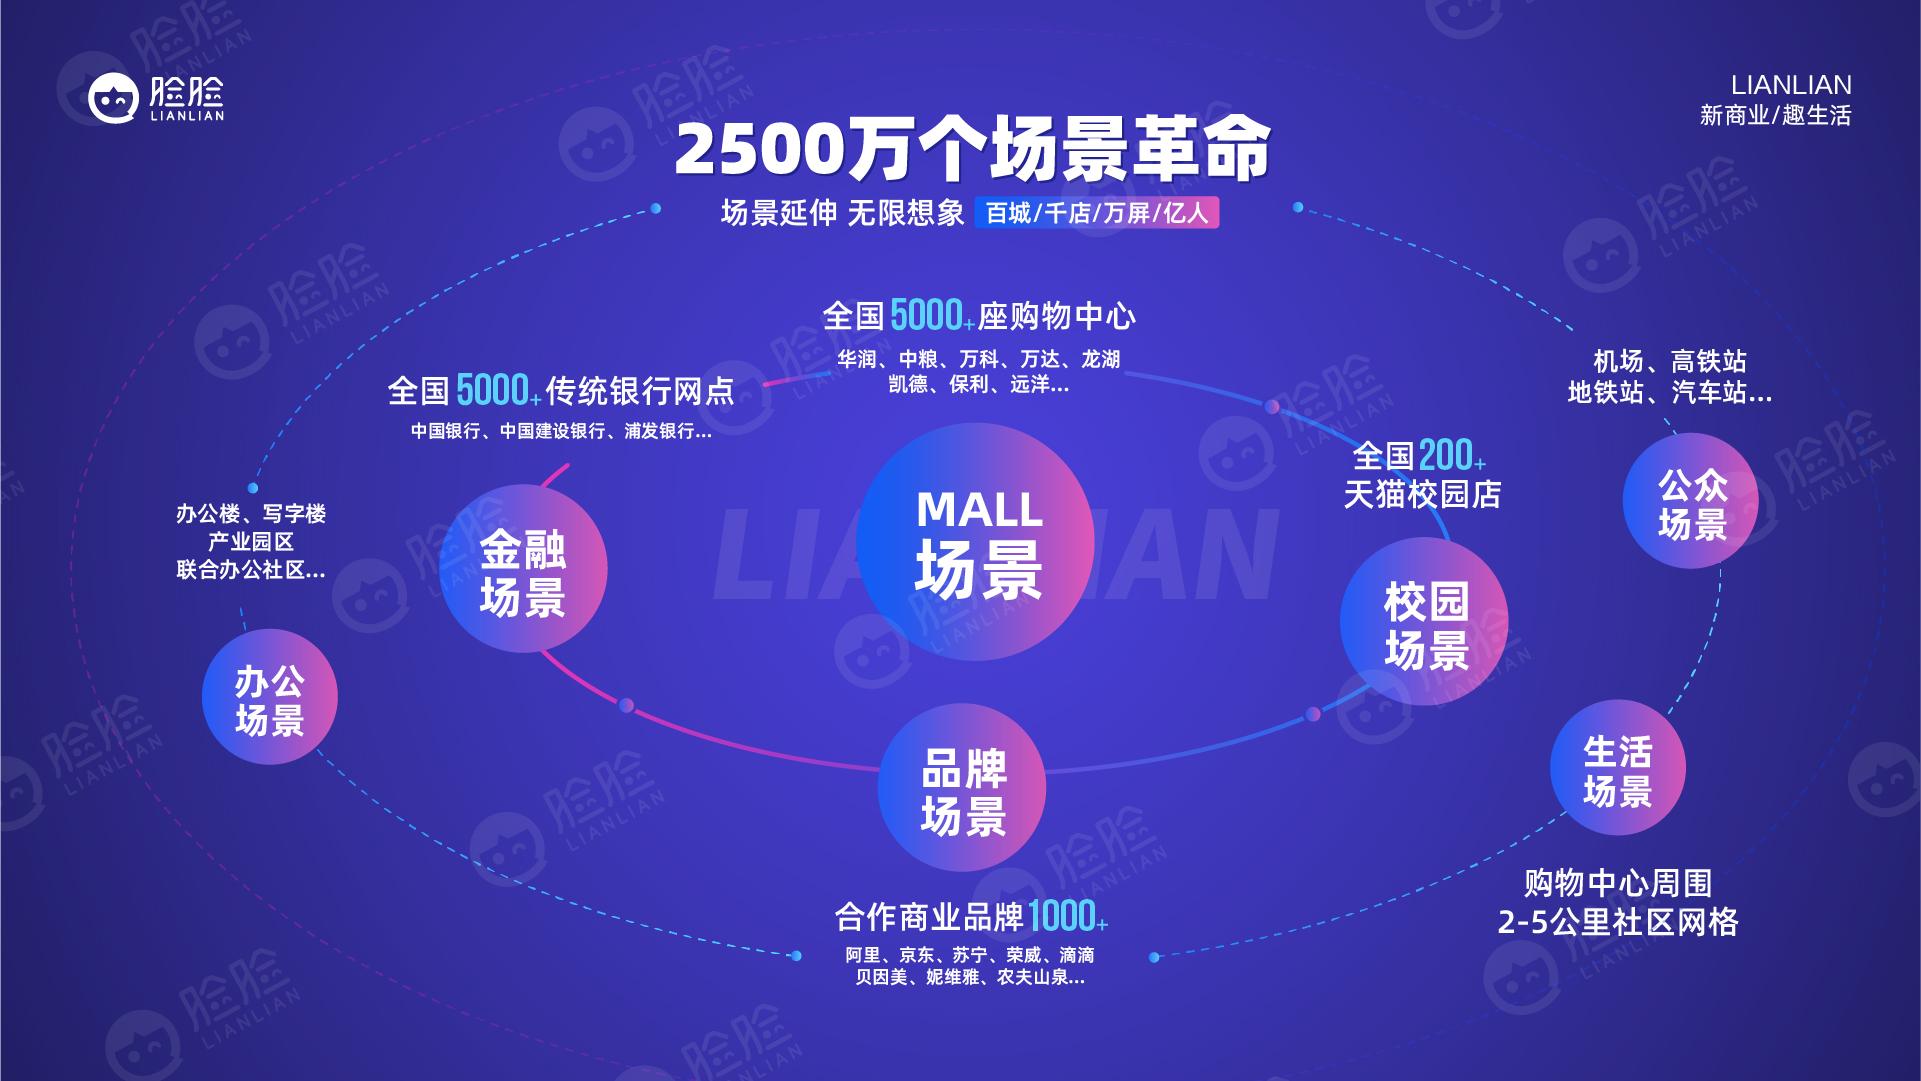 2500万场景革命.jpg